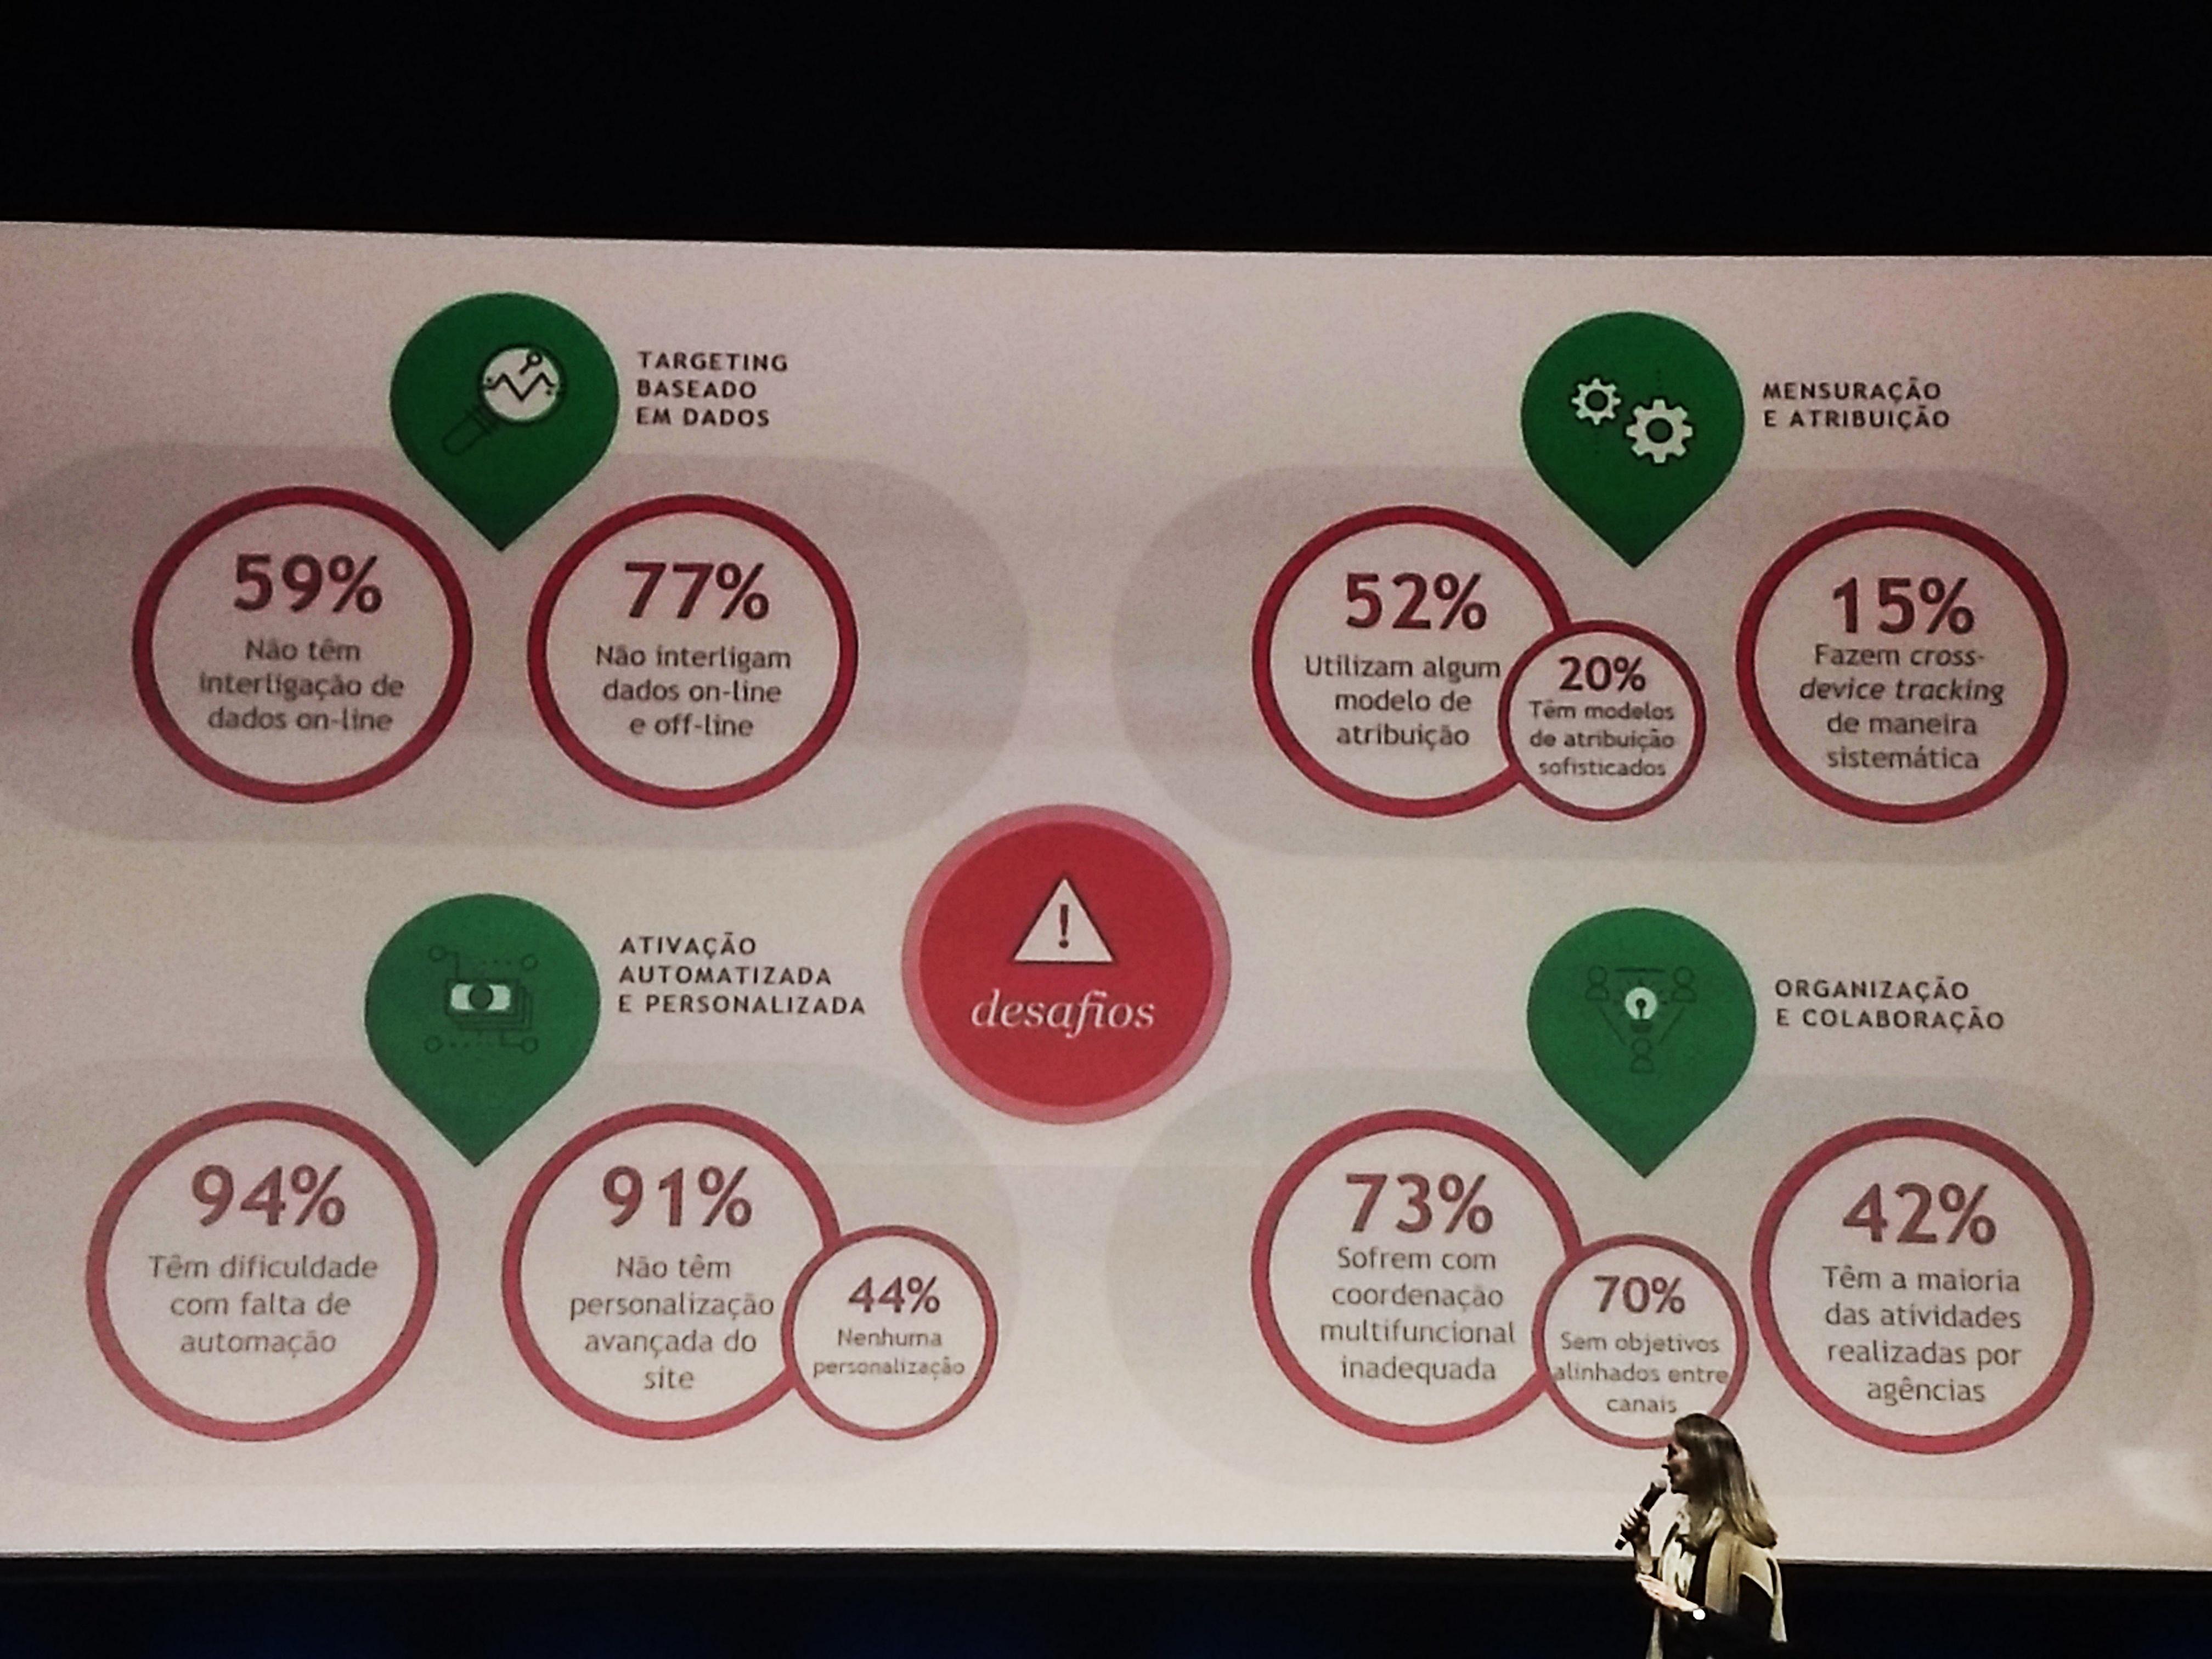 foto. Slide com os desafios das empresas no data-driven markeitng